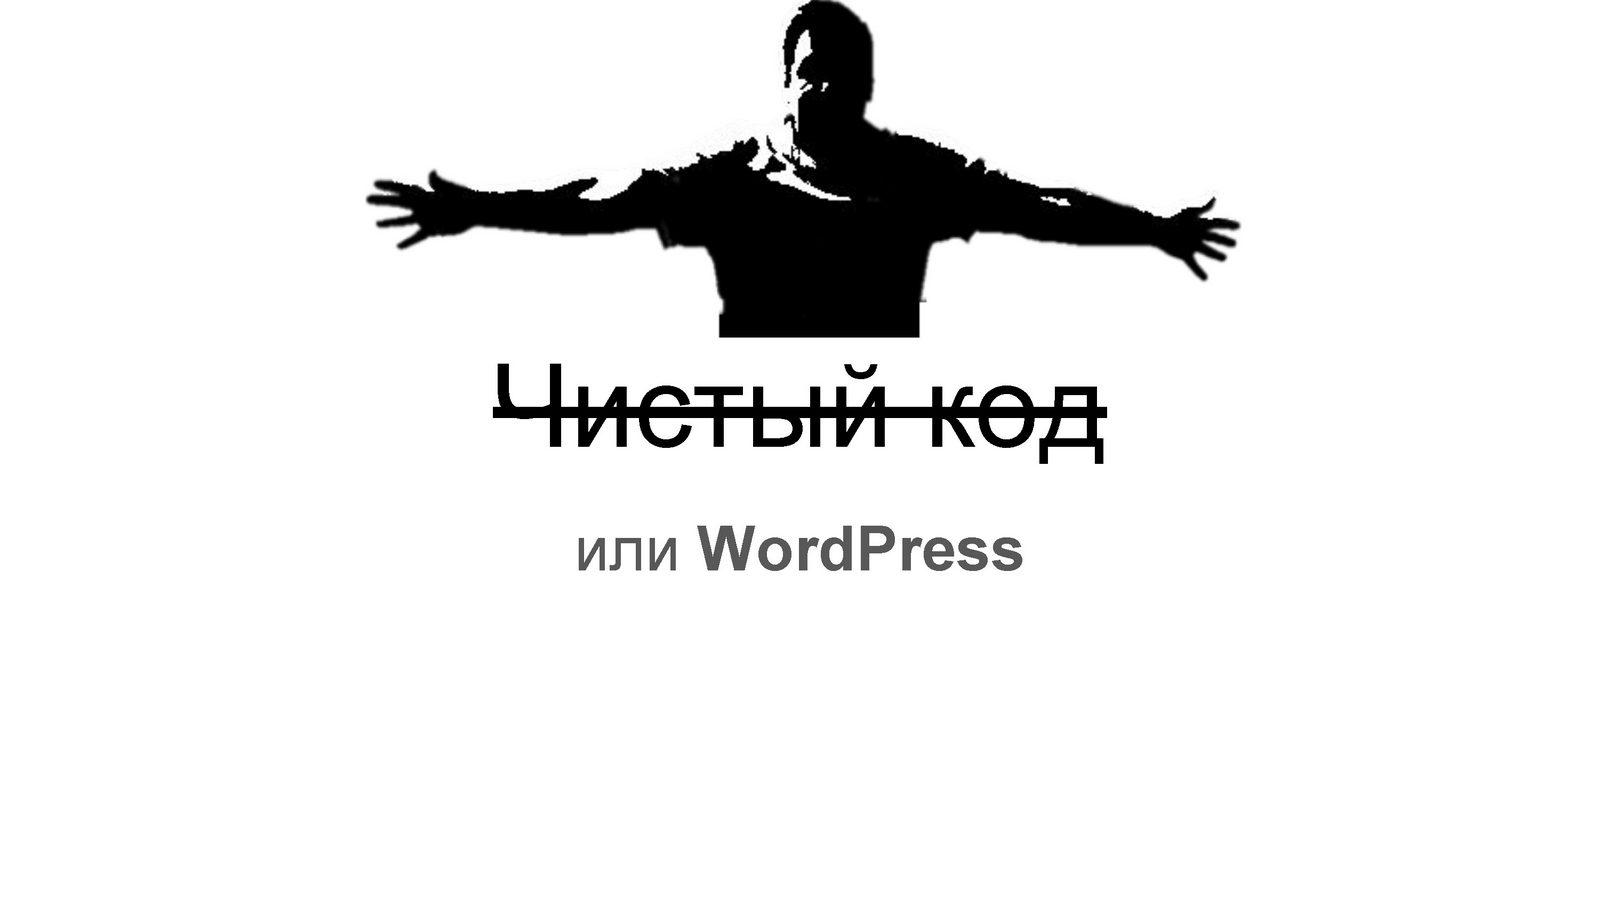 Чистый код или WordPress — Геннадий Ковшенин_Page_50